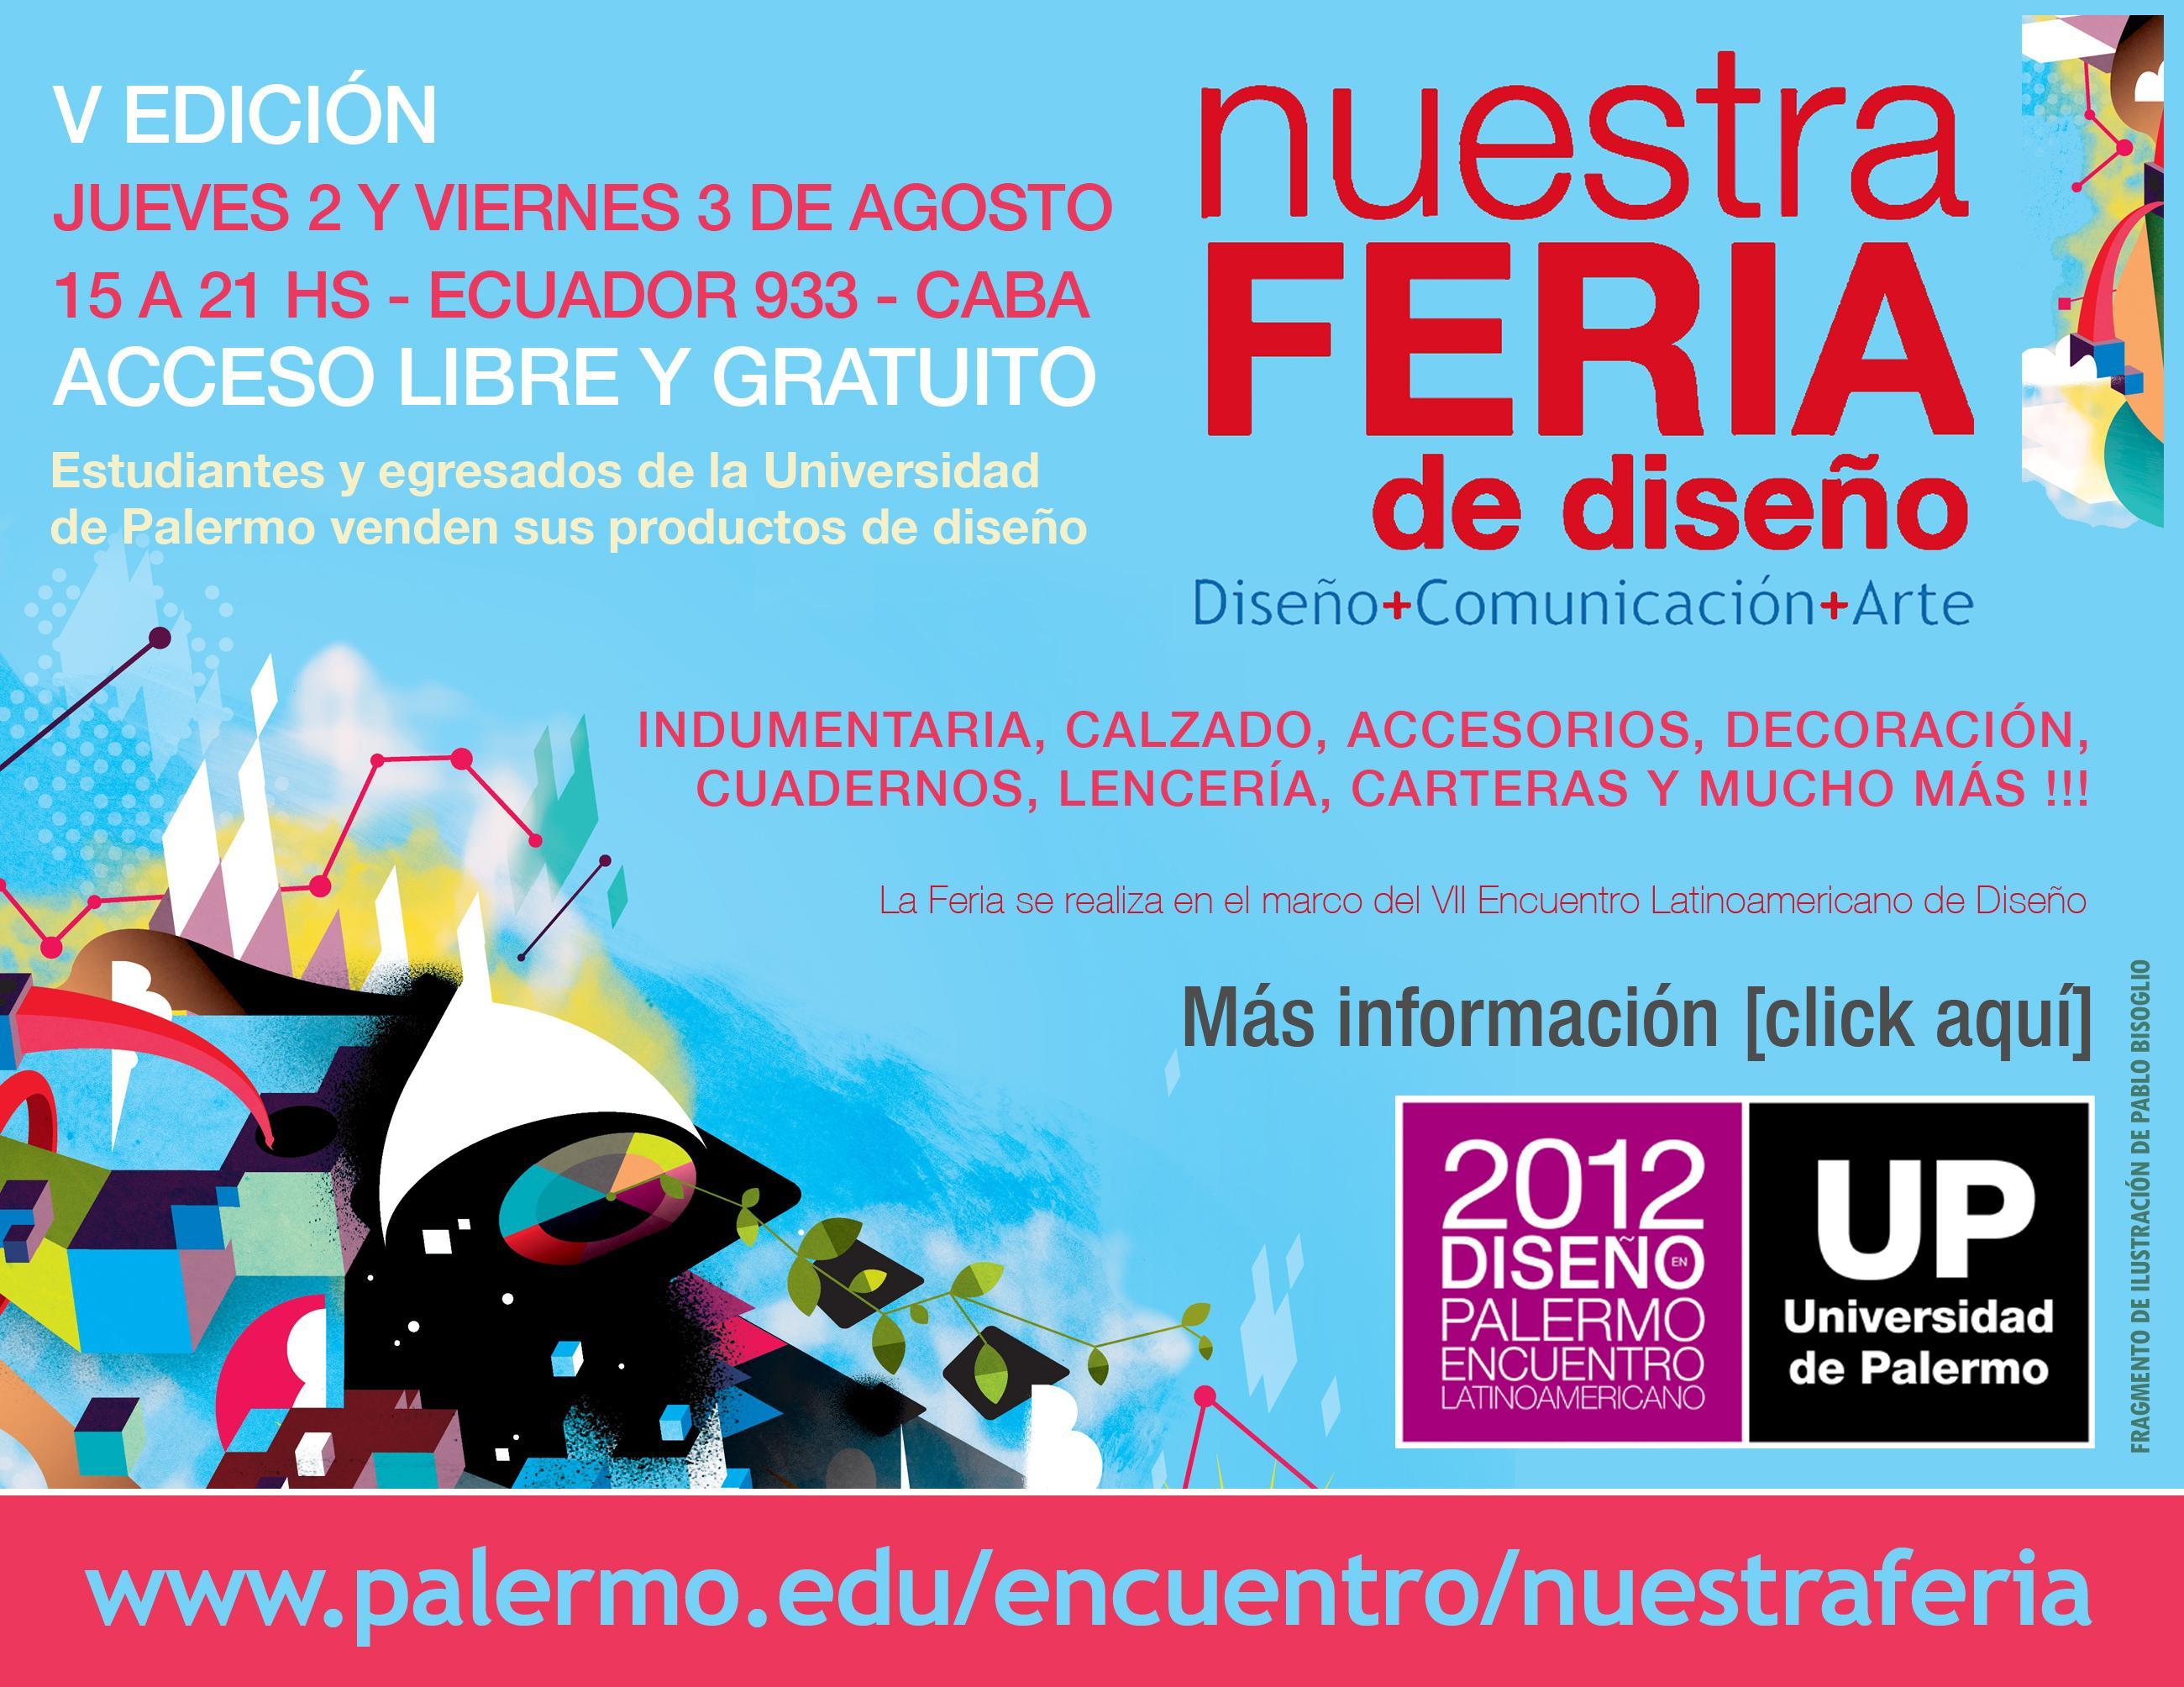 Vení a Nuestra Feria de Diseño - V Edición - Jueves 2 y Viernes 3 de Agosto